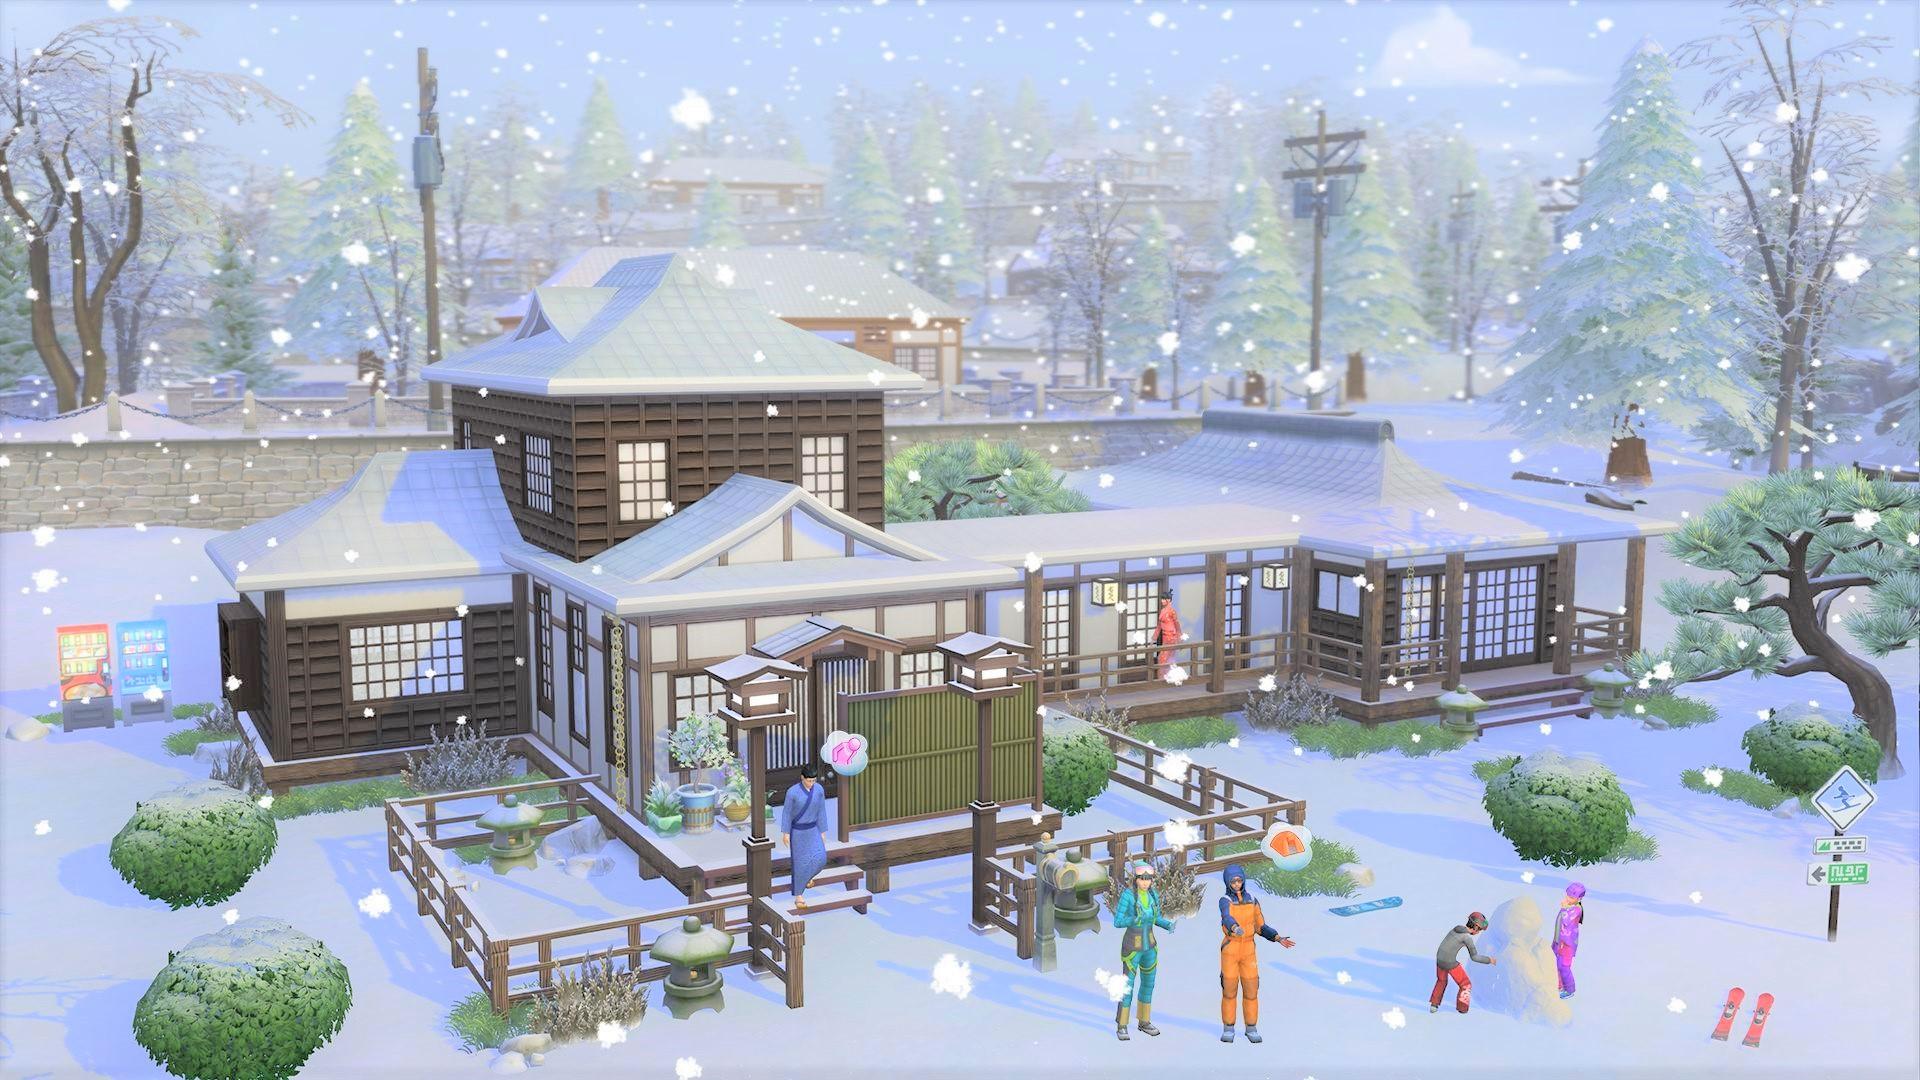 《模拟人生4:雪国圣地》游戏截图